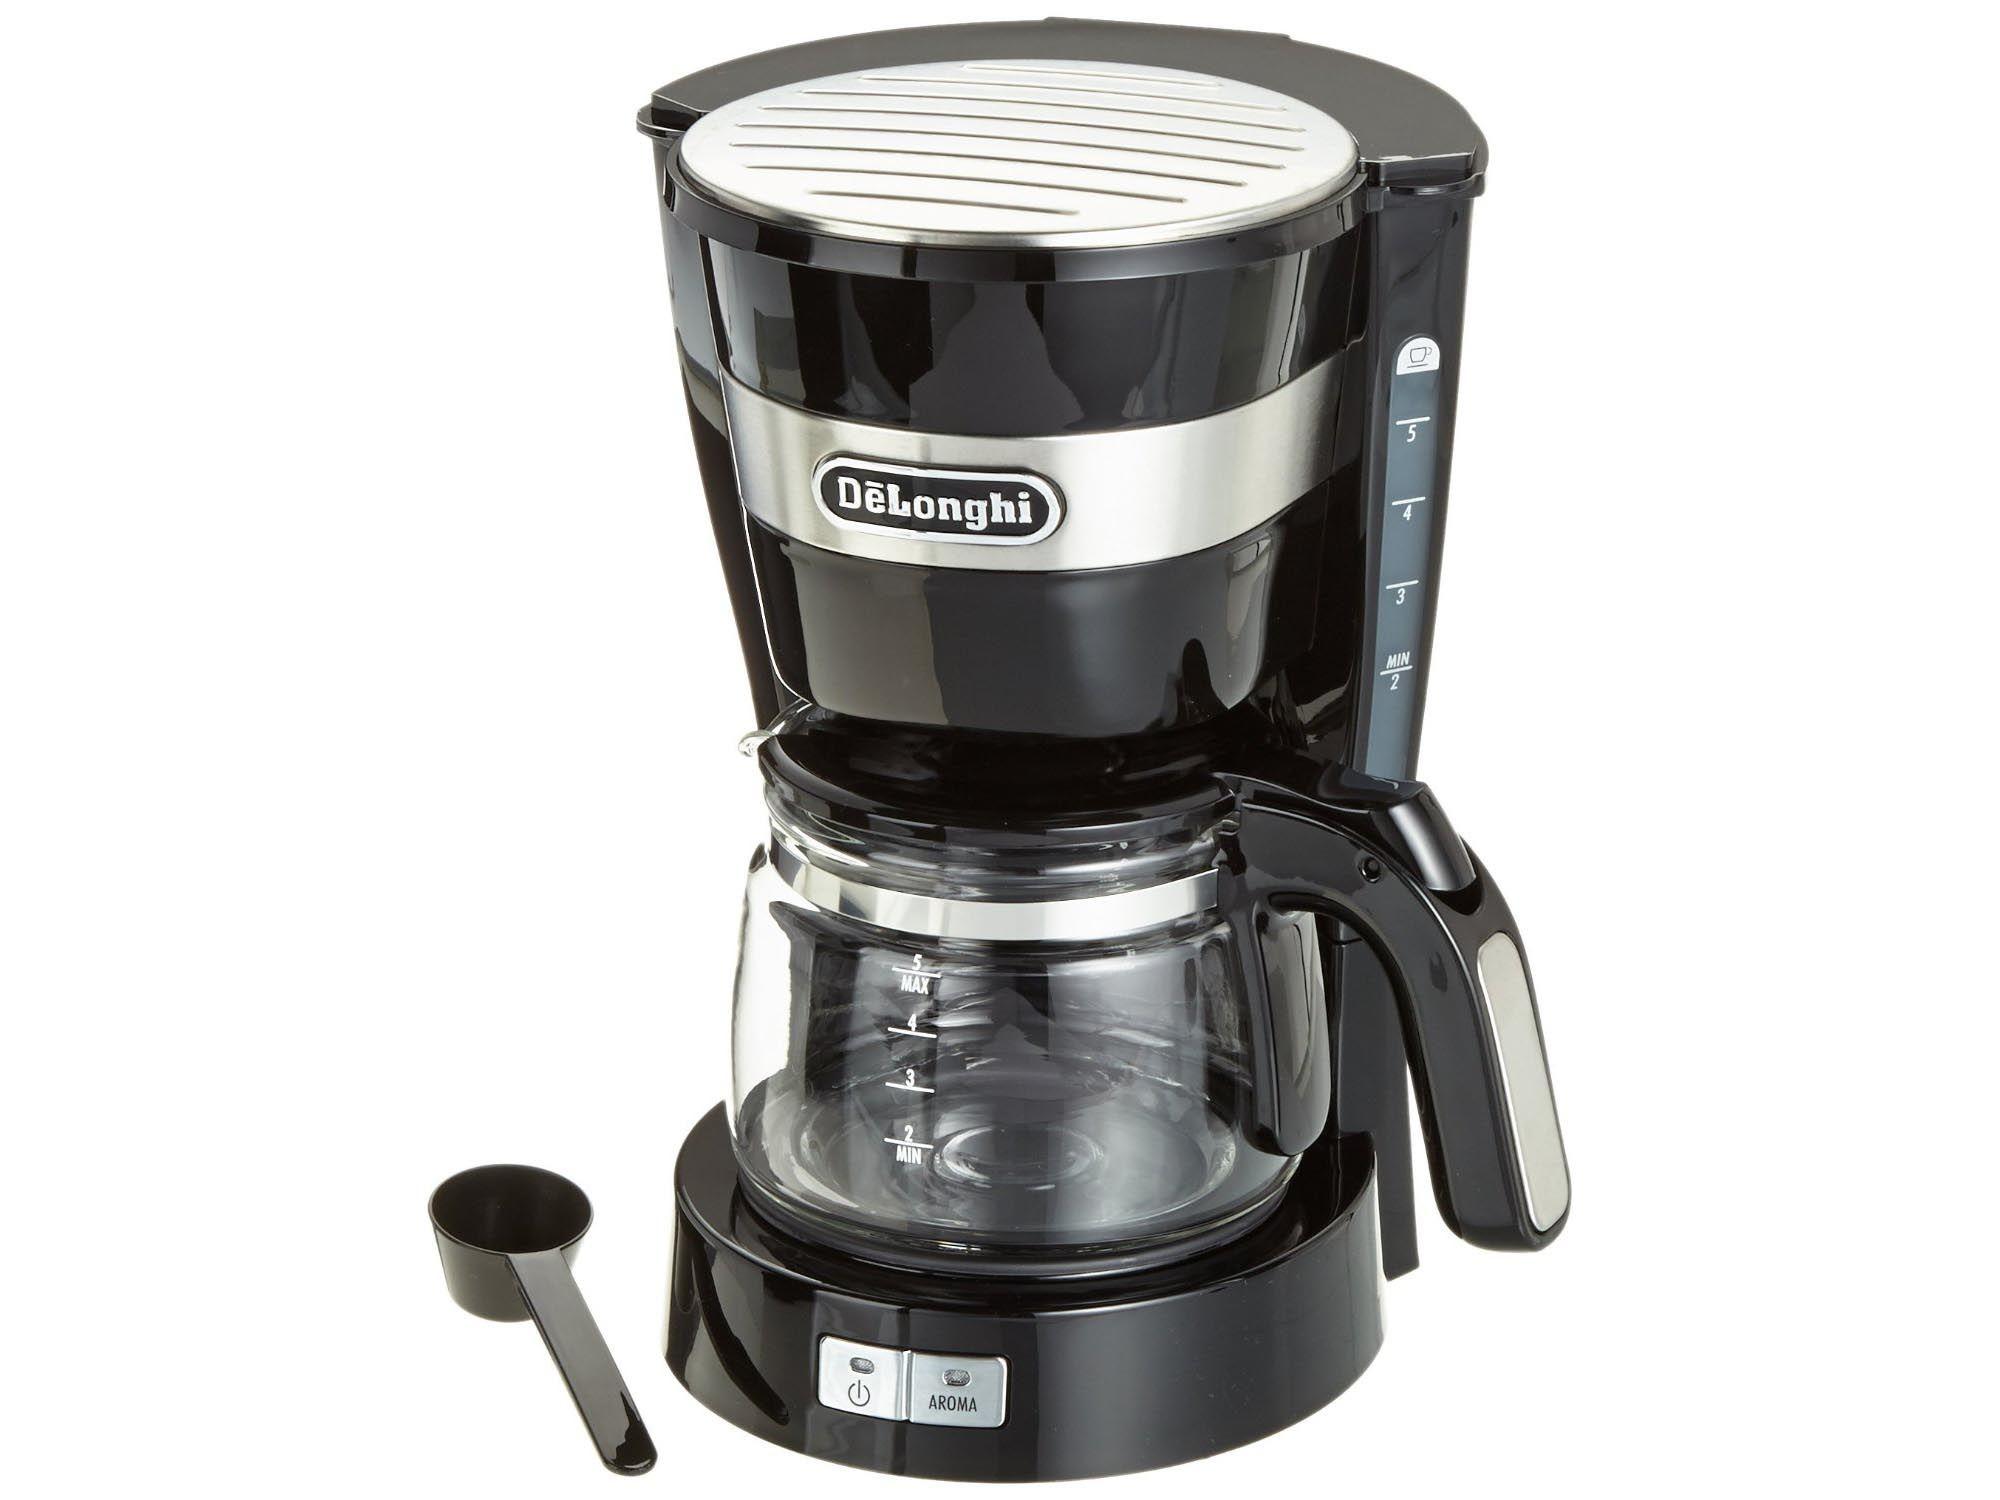 DELONGHI CARAFFA VETRO 5 TZ MACCHINA CAFFE A FILTRO AMERICANO ICM14011 ICM140